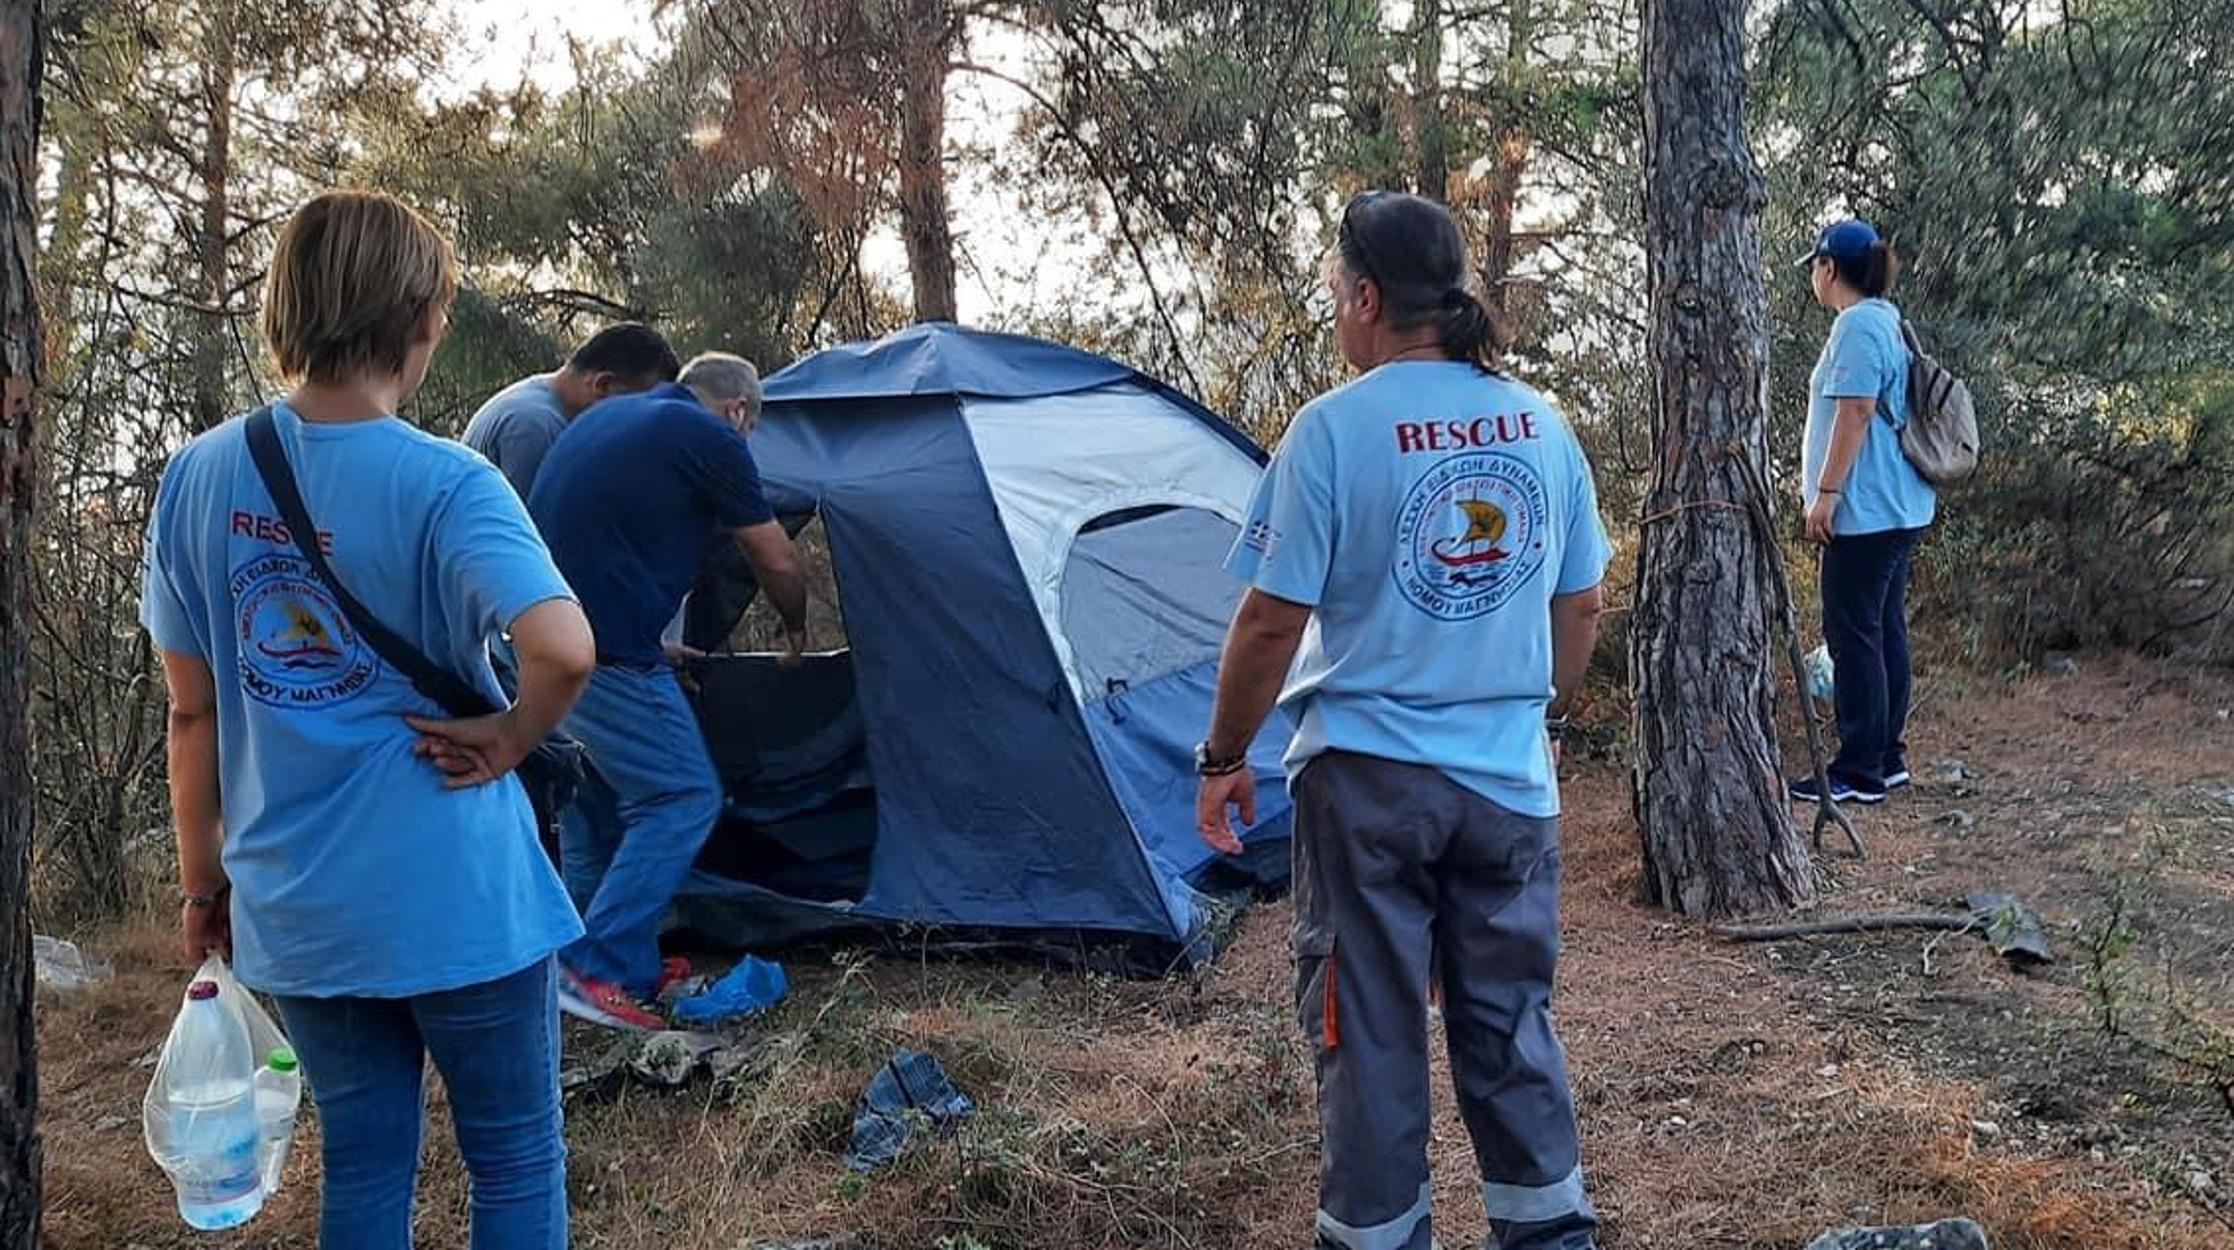 Βόλος: Αγωνία για τον 31χρονο που αγνοείται εδώ και μέρες